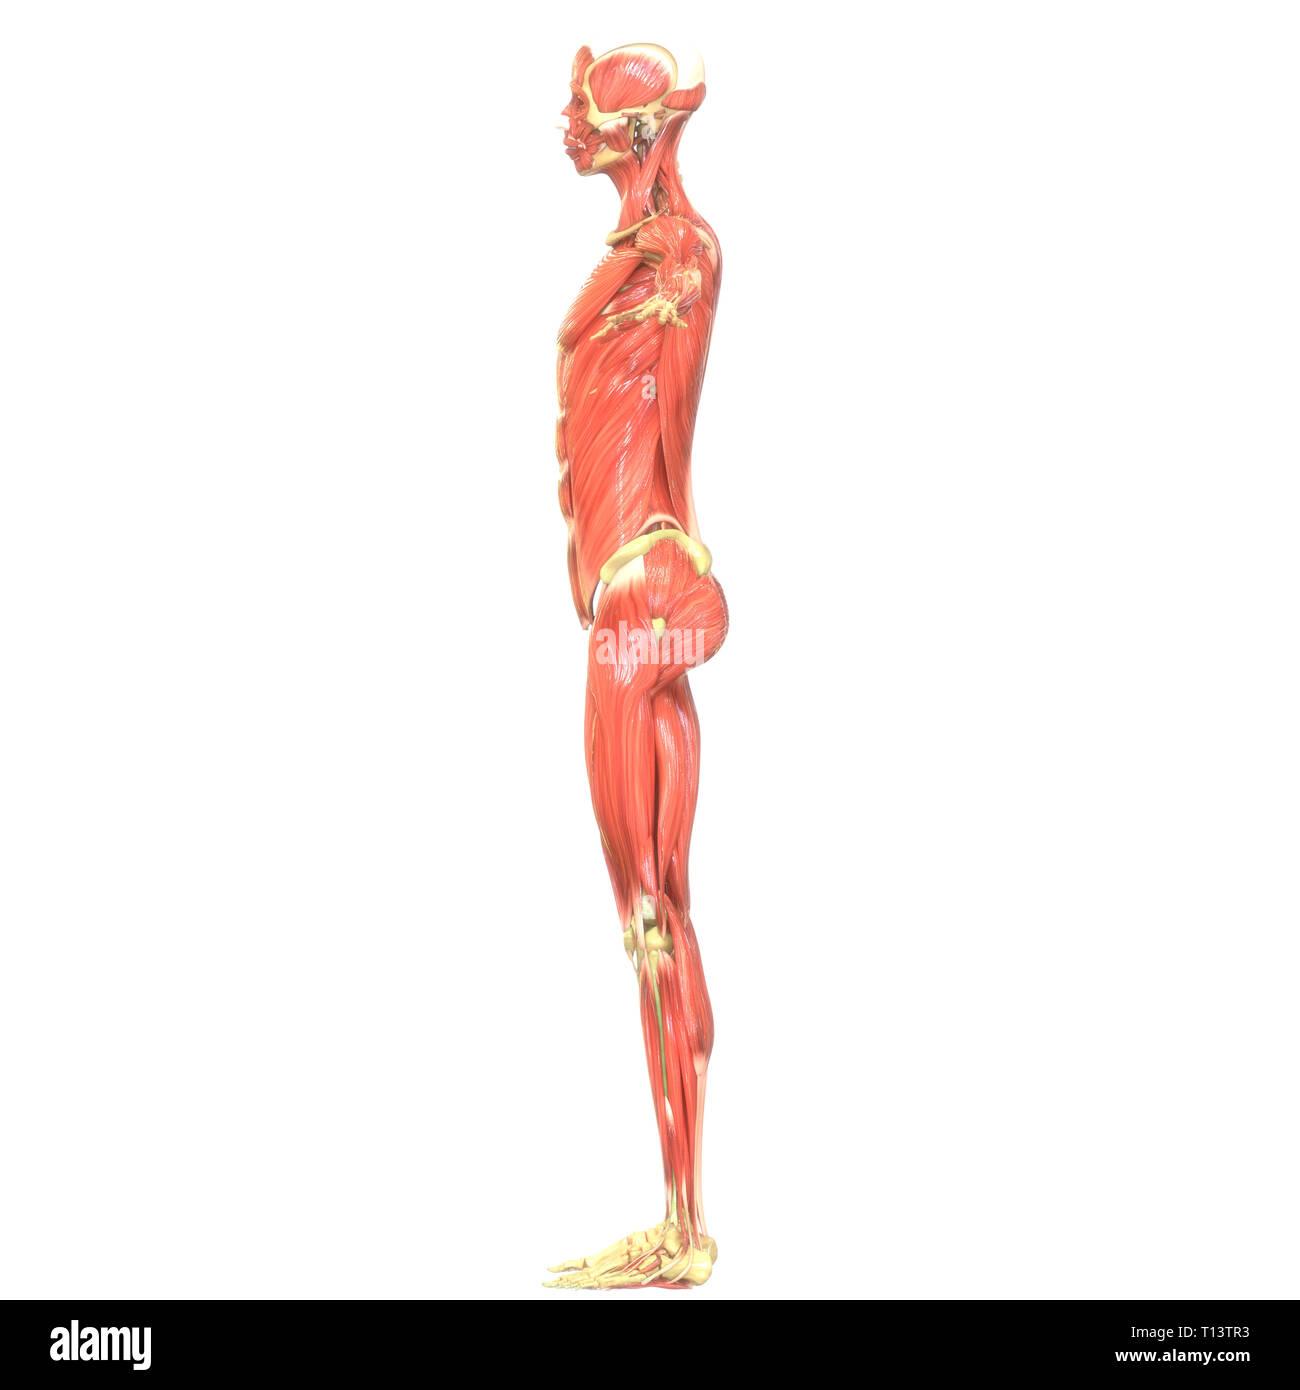 Anatomía Los músculos del cuerpo humano Imagen De Stock